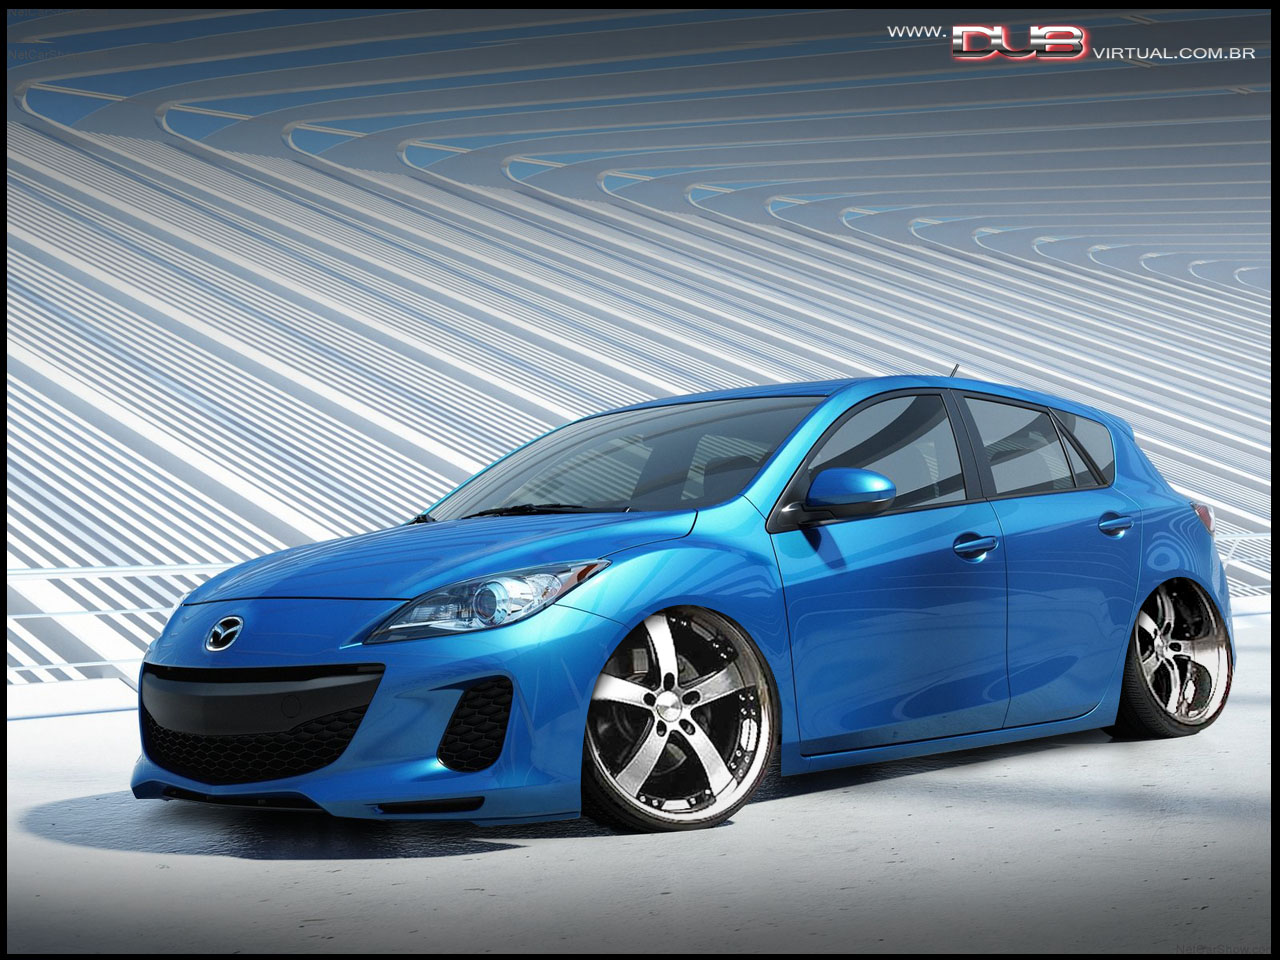 Novo Mazda 3 tuning e rebaixado